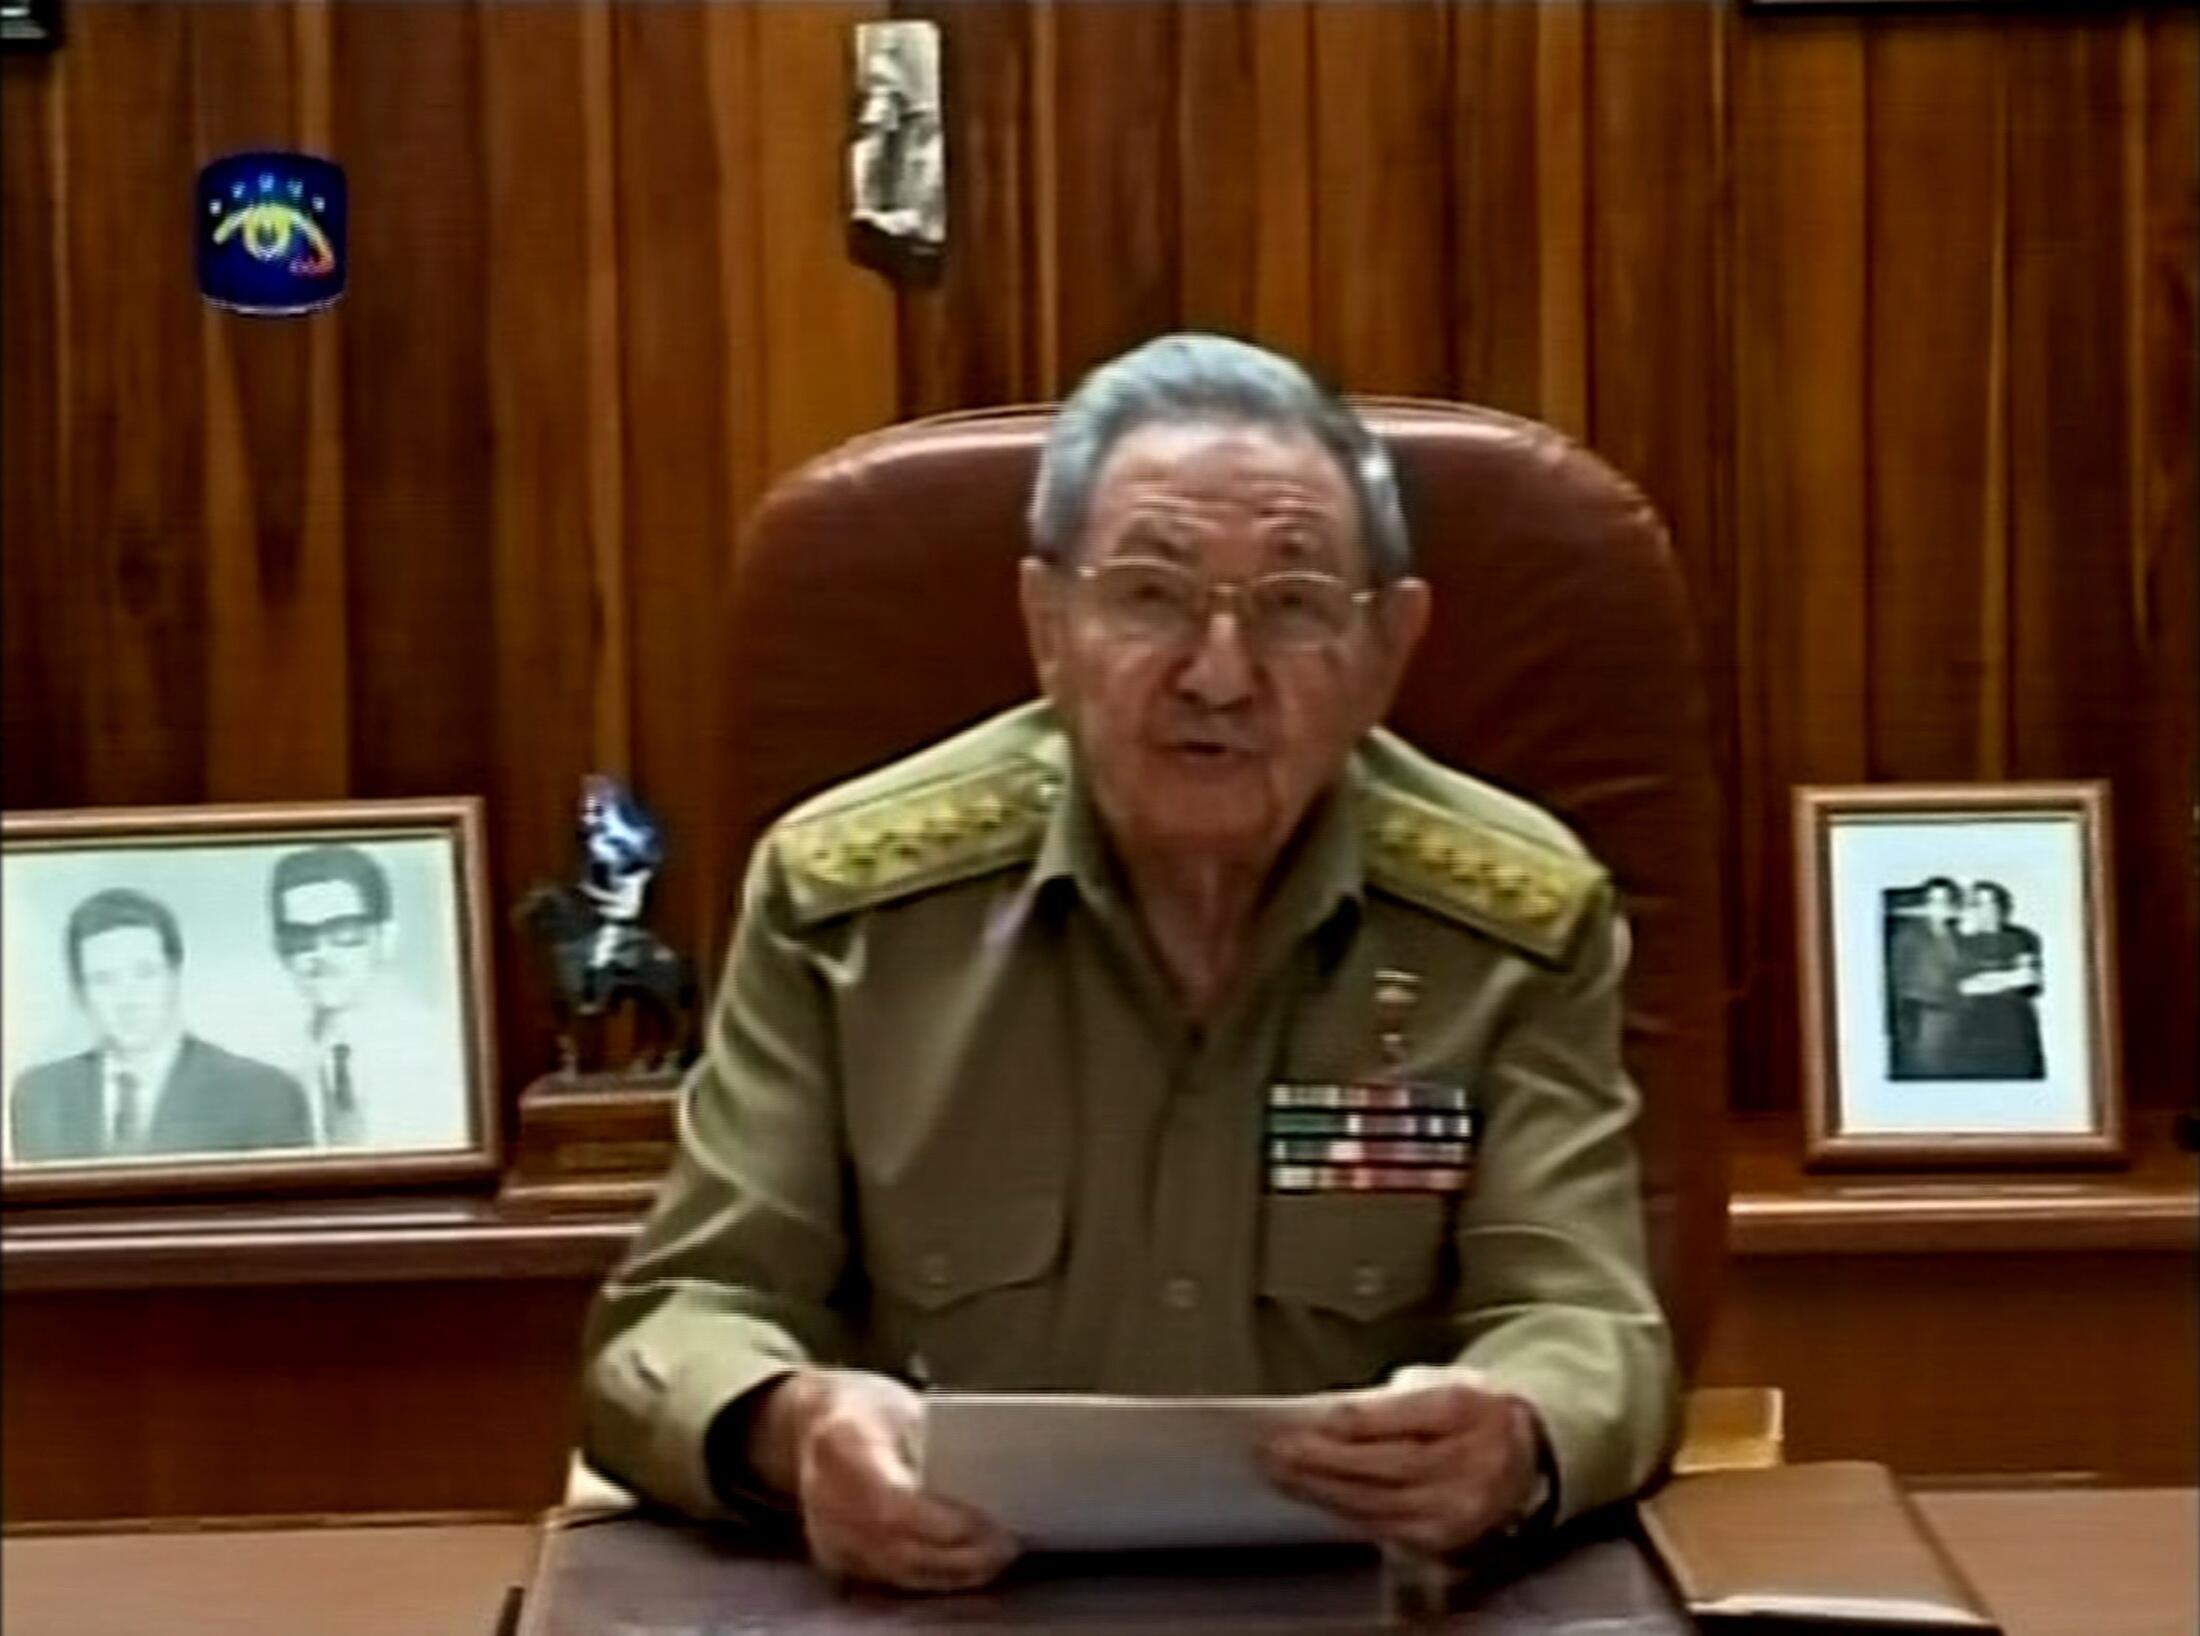 El presidente cubano Raúl Castro se dirige a la nación en la televisión pública, este 17 de diciembre de 2014.